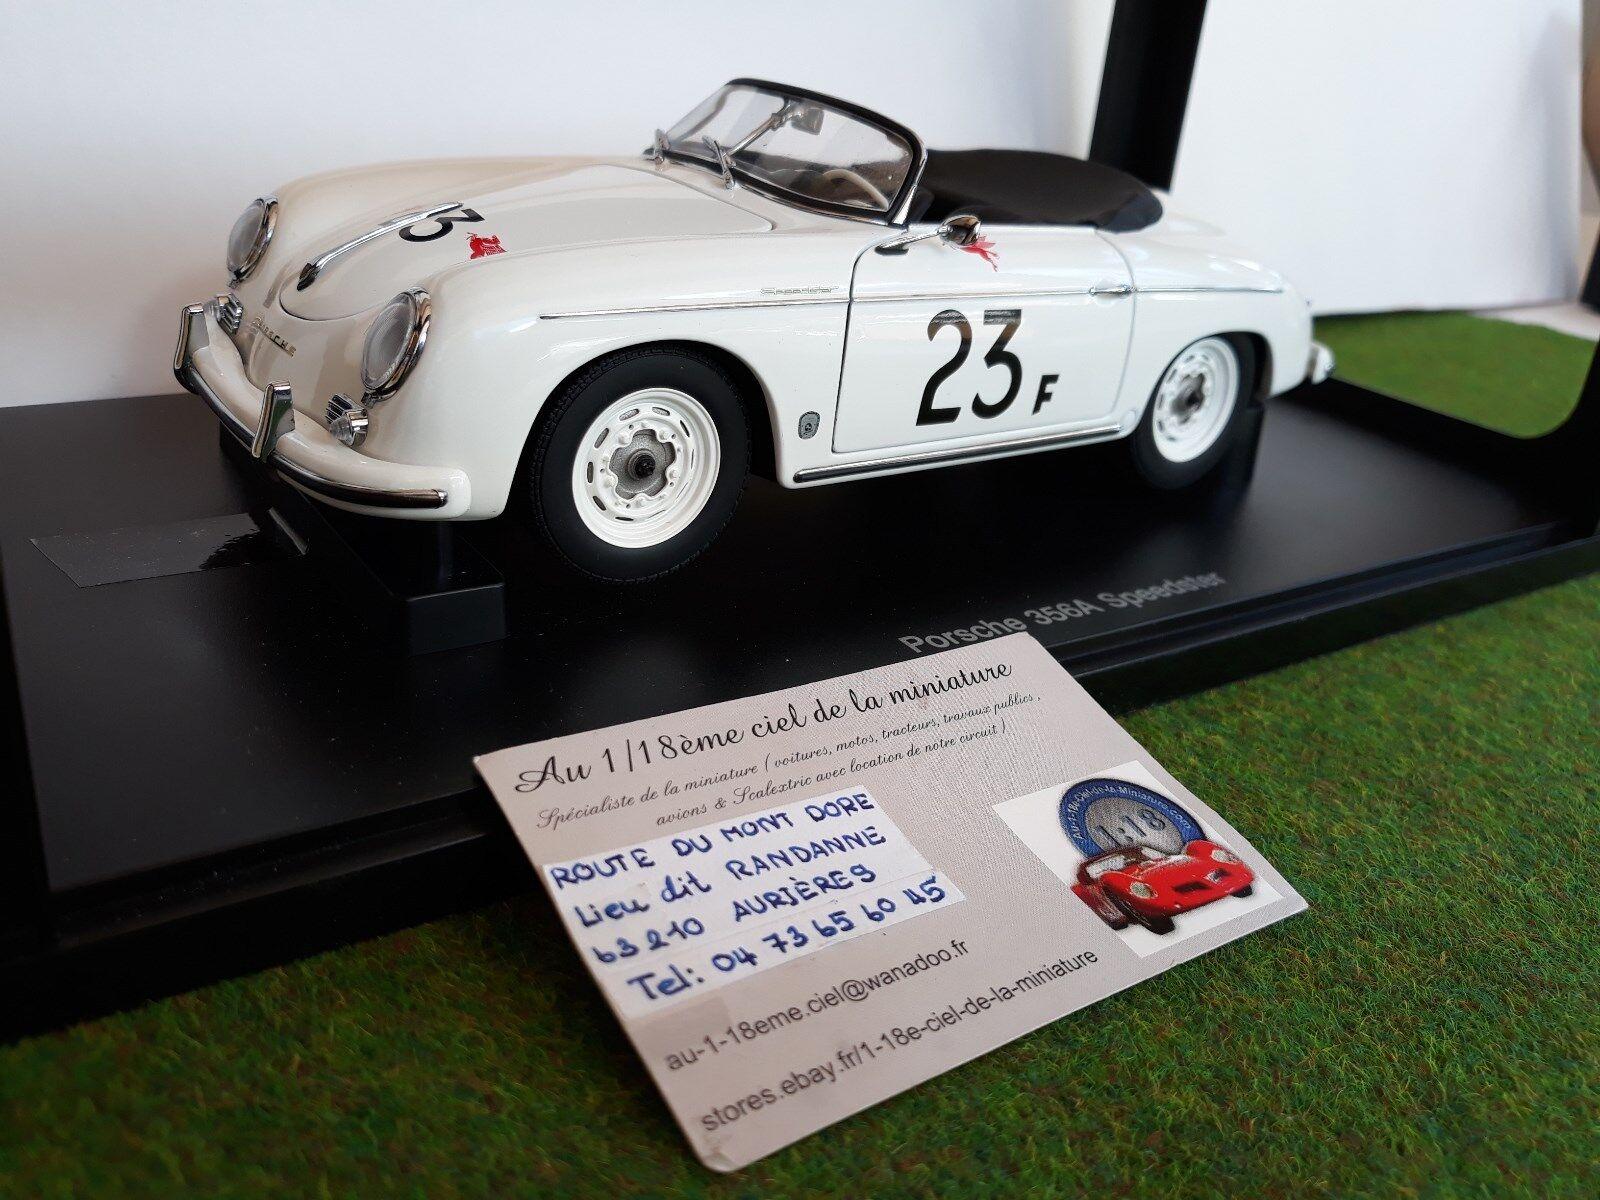 PORSCHE 356 A SPEEDSTER blnc  23F 1 18 AUTOART 77865 voiture miniature cabriolet